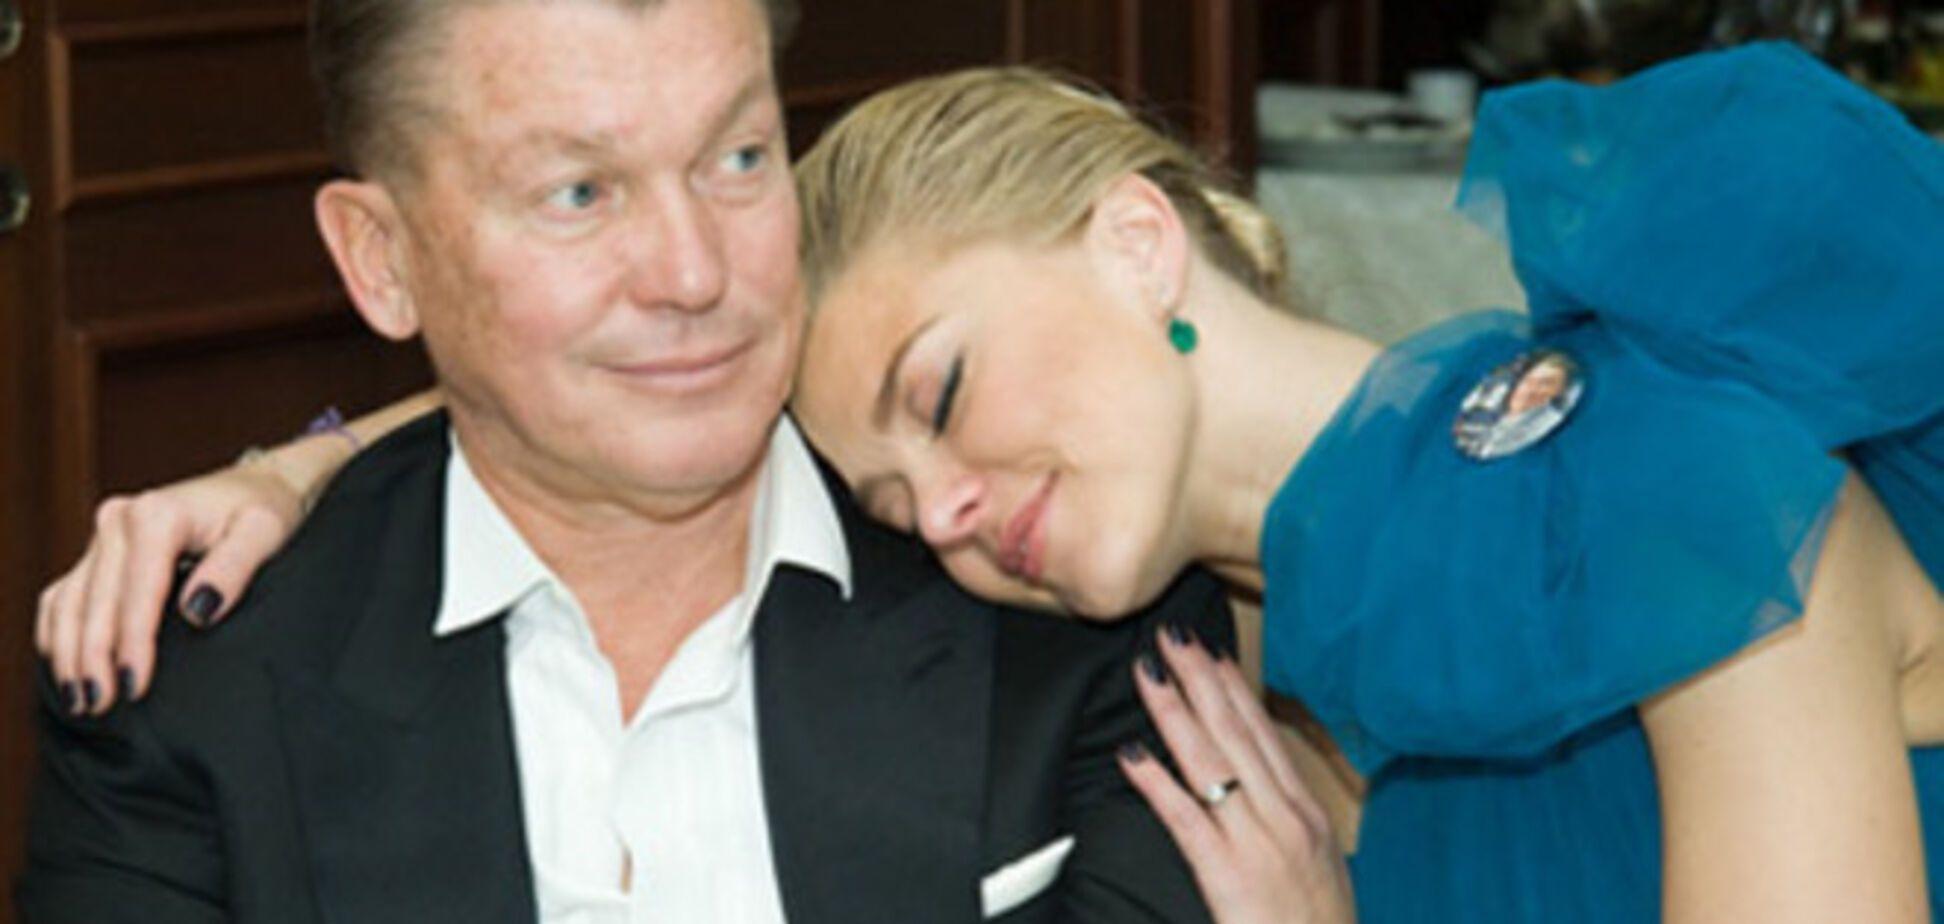 Внучку Олега Блохина назвали необычным именем